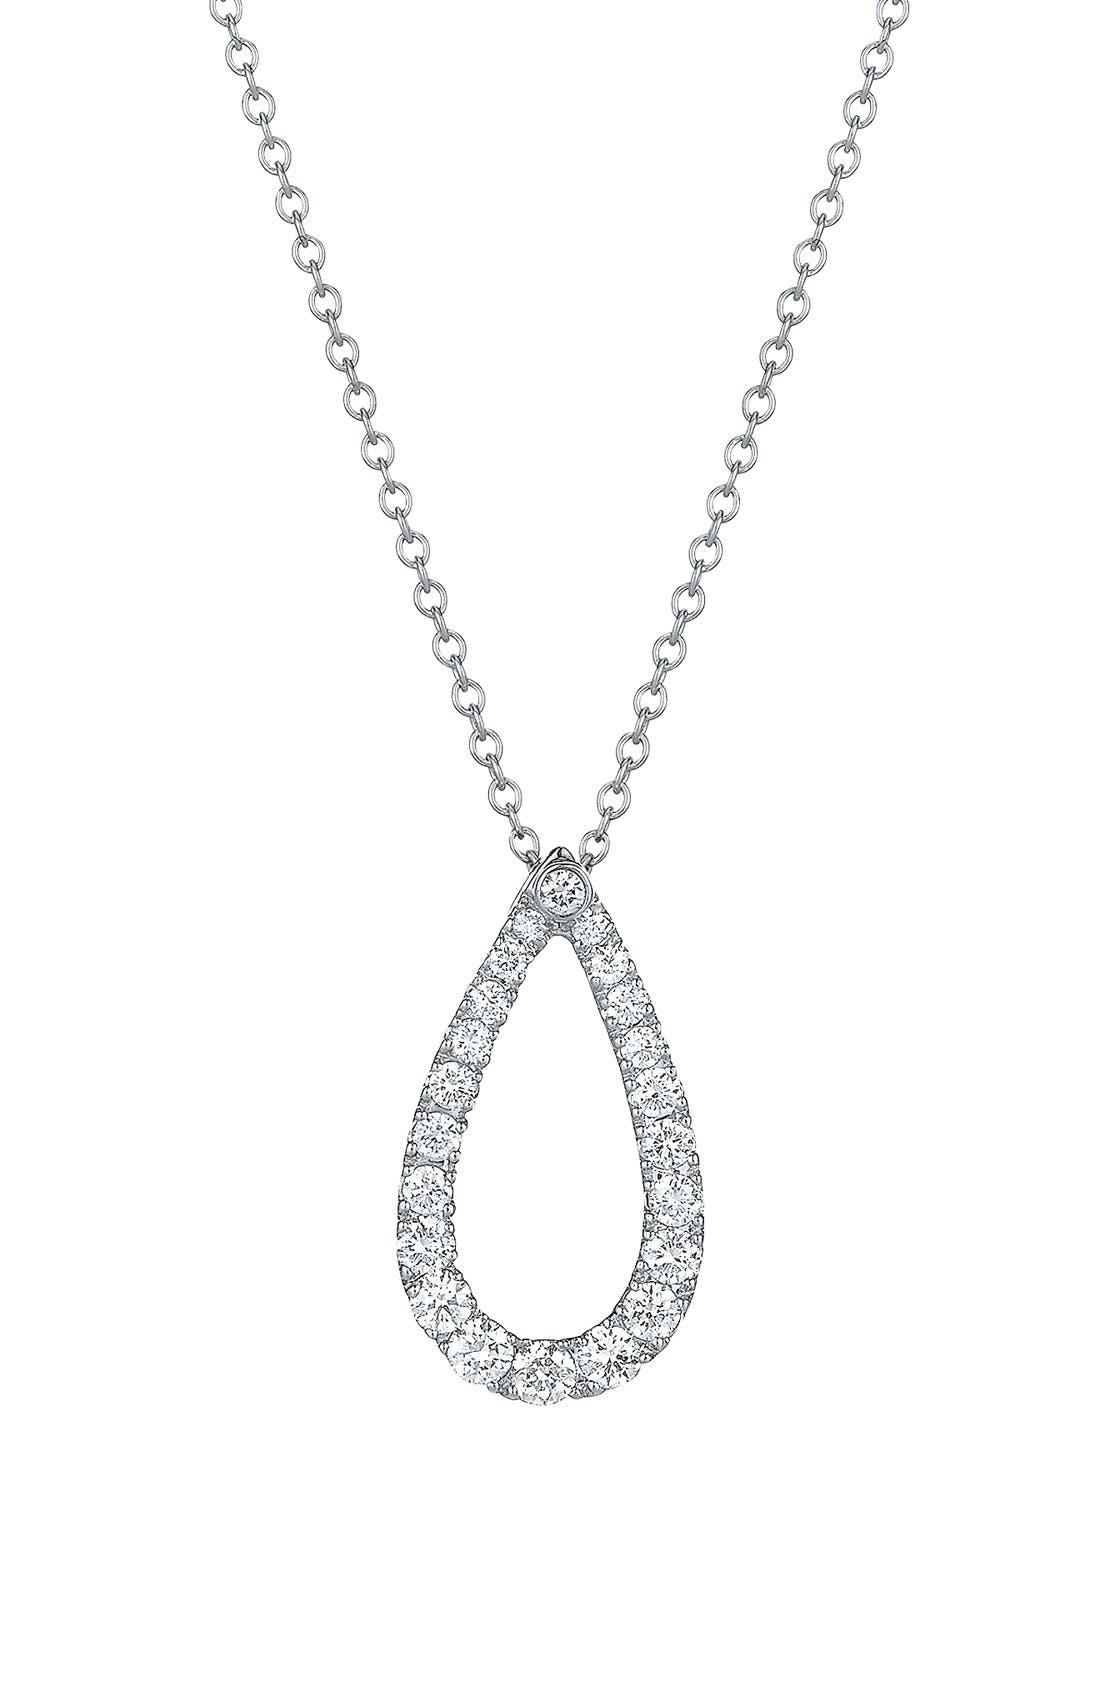 Main Image - Kwiat 'Contorno' Teardrop Diamond Pendant Necklace